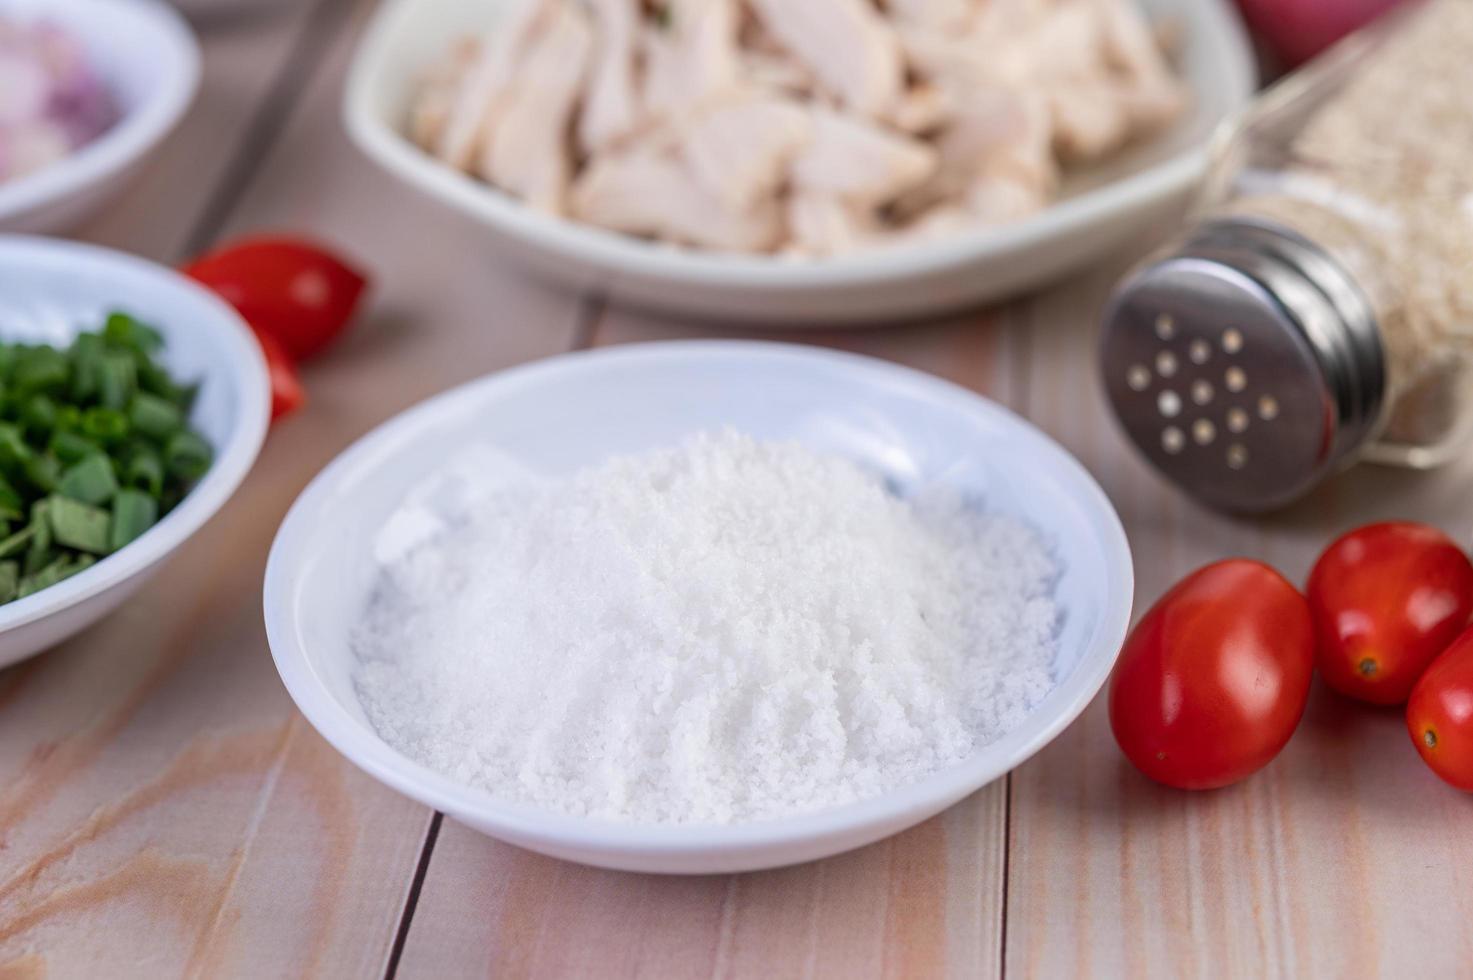 sel dans un plat blanc photo